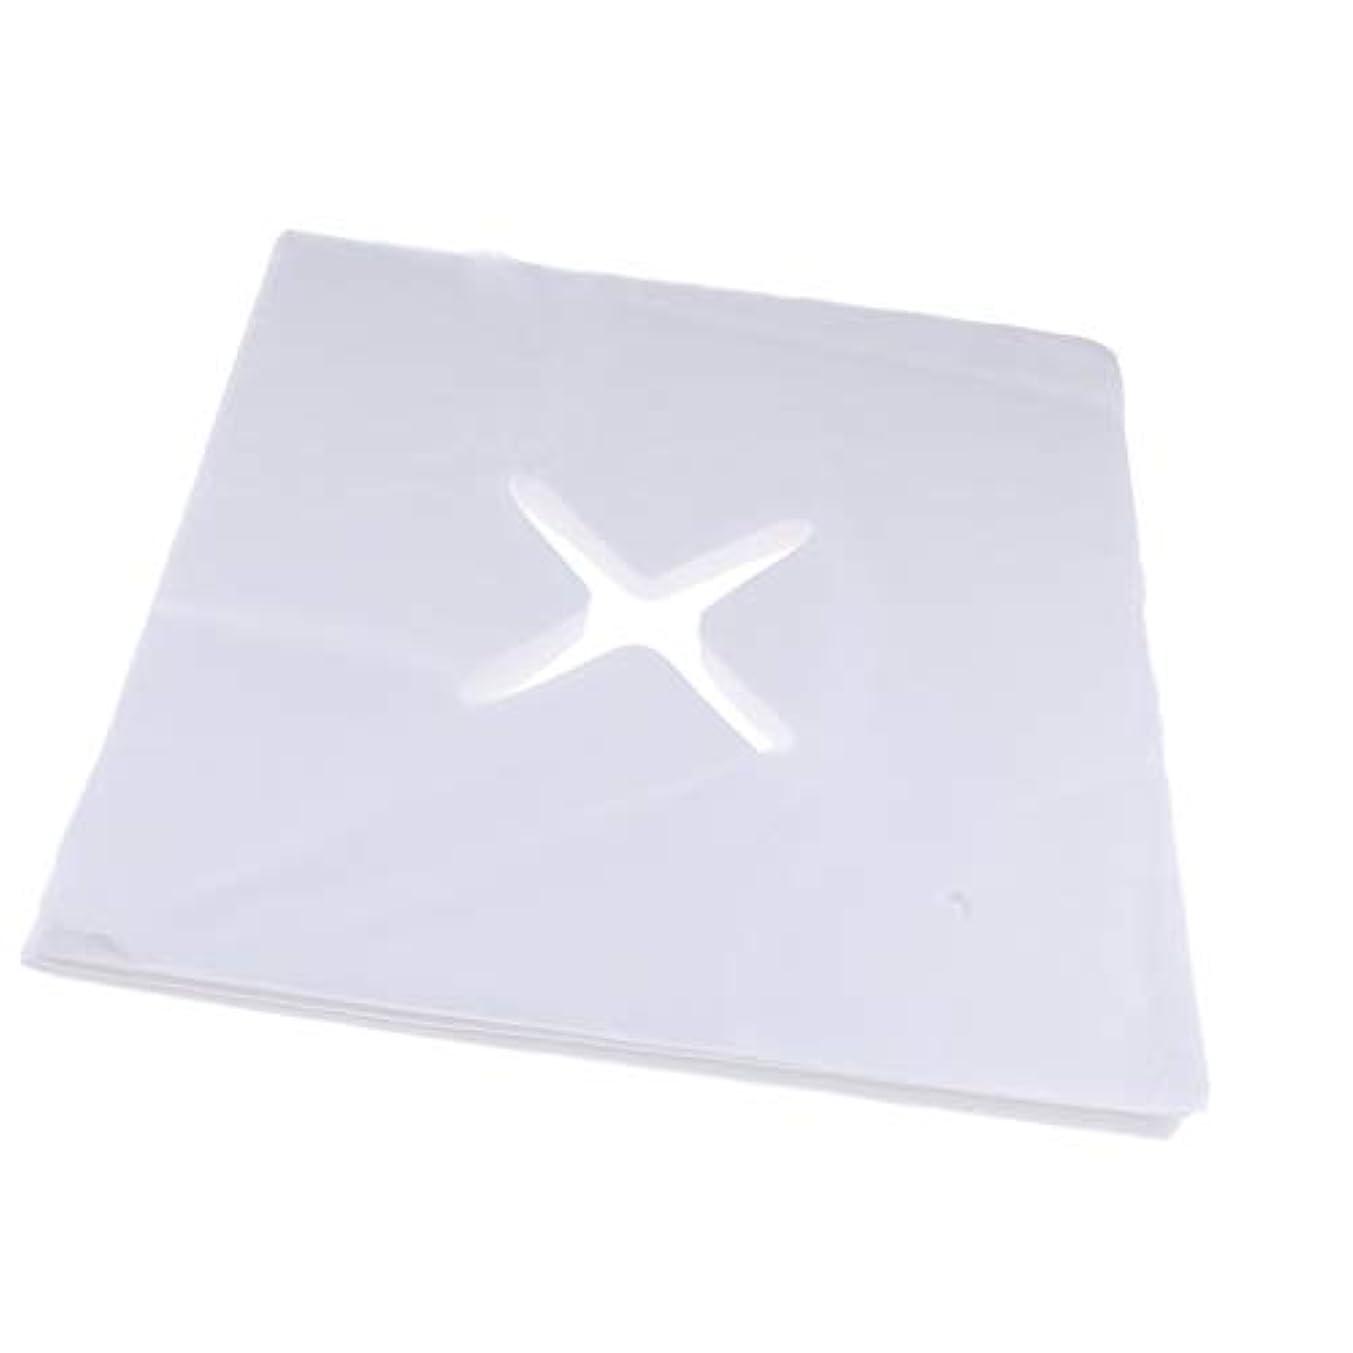 滅多パイロット服を片付けるPerfeclan 約200枚 ピローシート 十字カット 使い捨て フェイスカバー 不織布PP クッション S/M - L